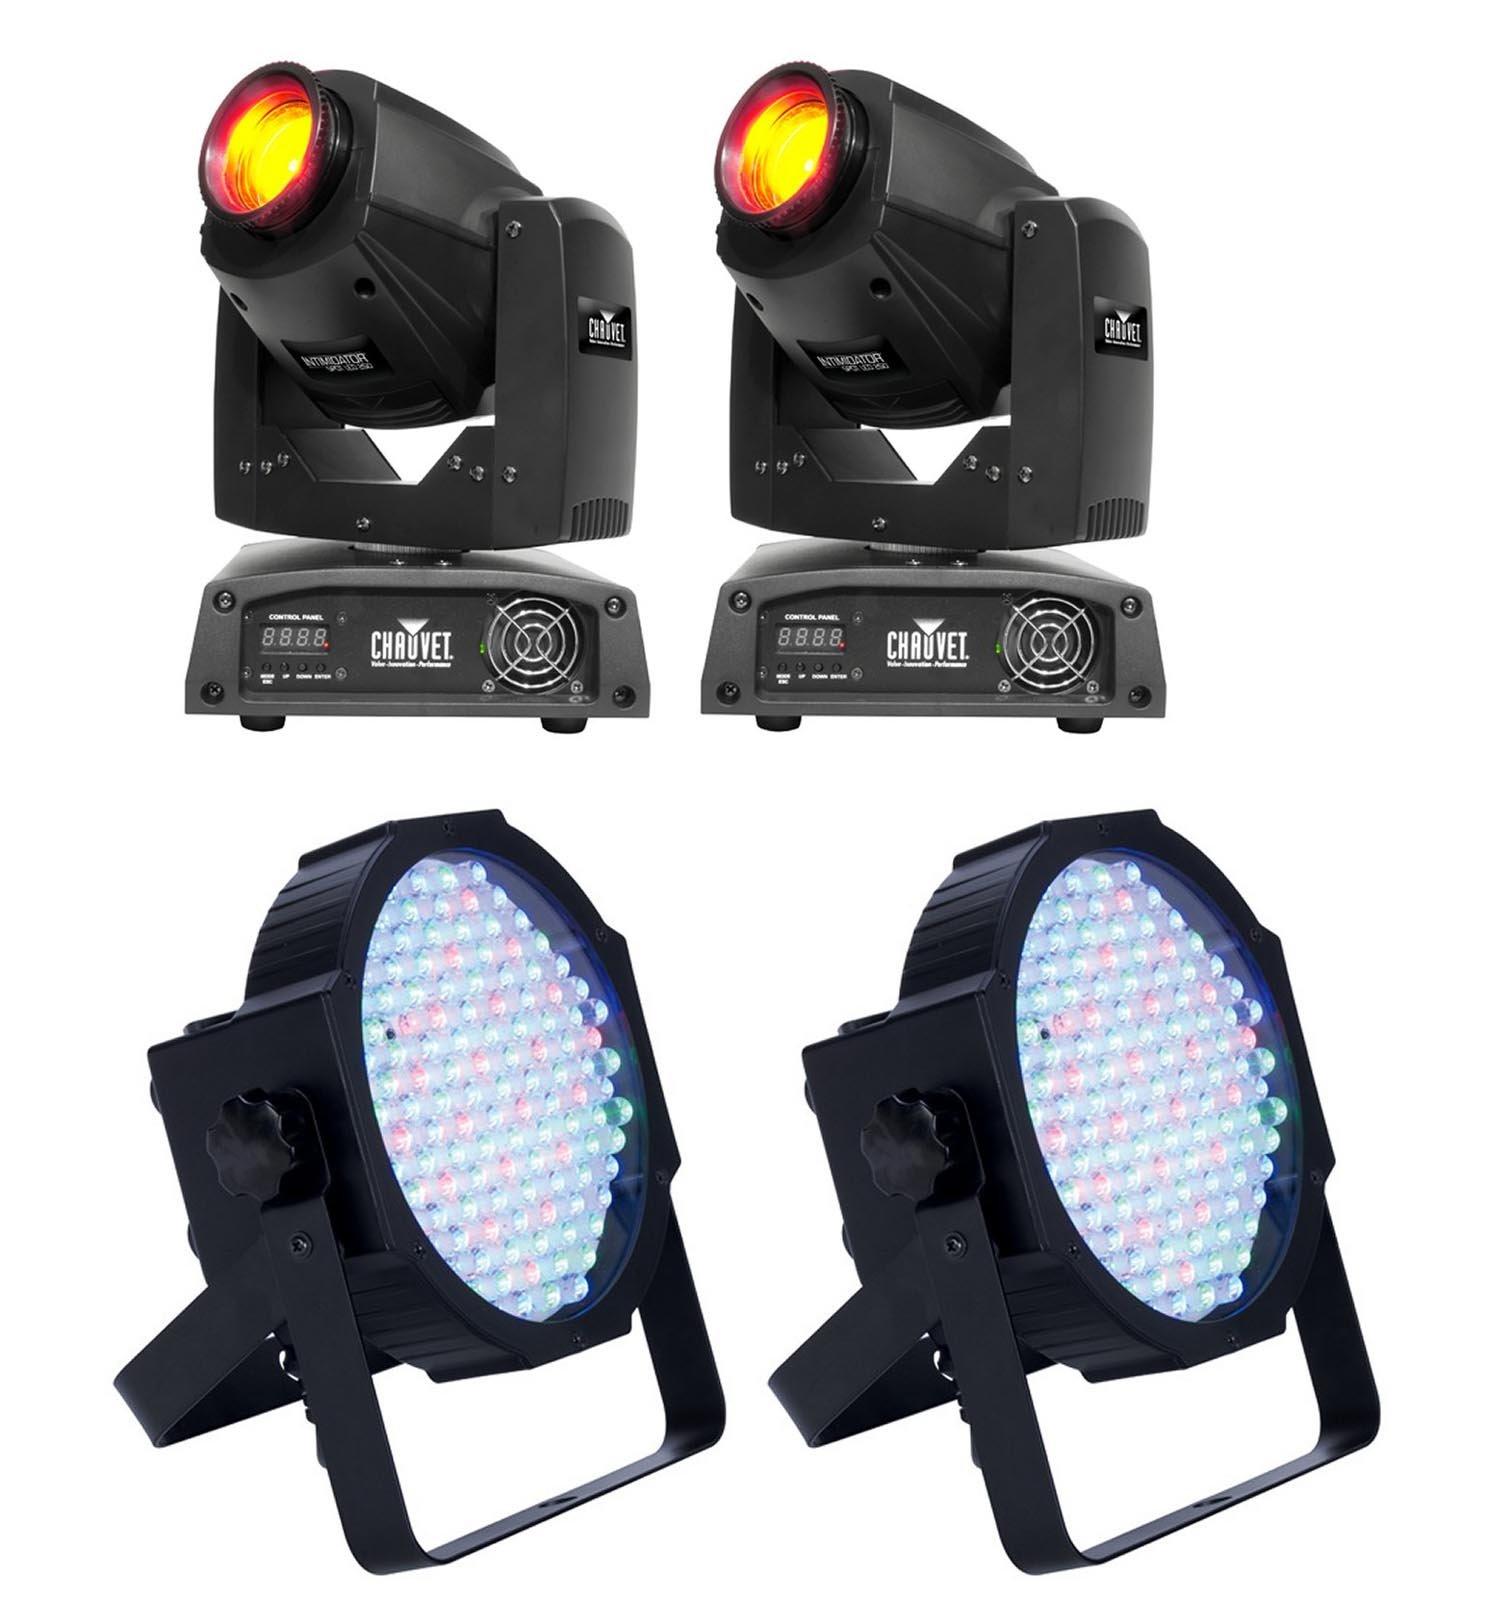 (2) CHAUVET Intimidator Spot 255 LED Lights w/ (2) ADJ Mega Par Profile Lights